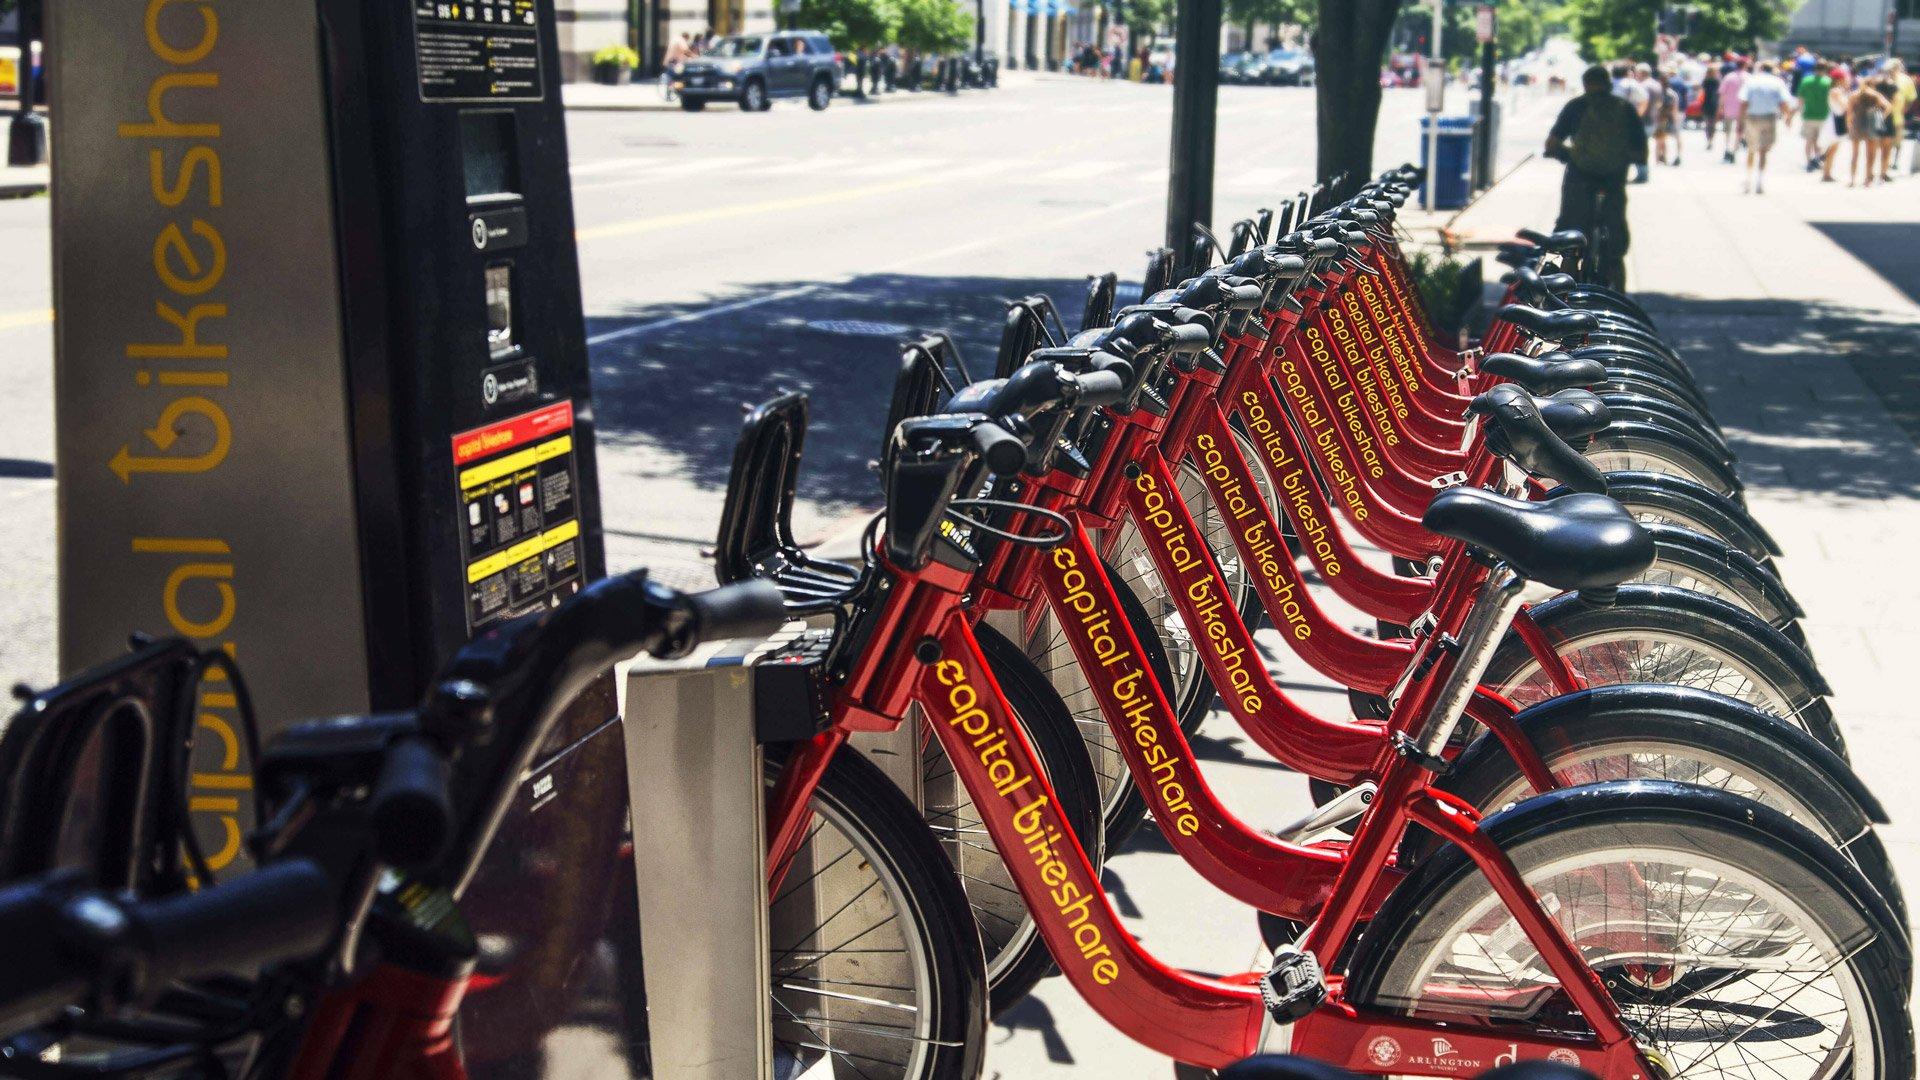 bikes-1920x1080